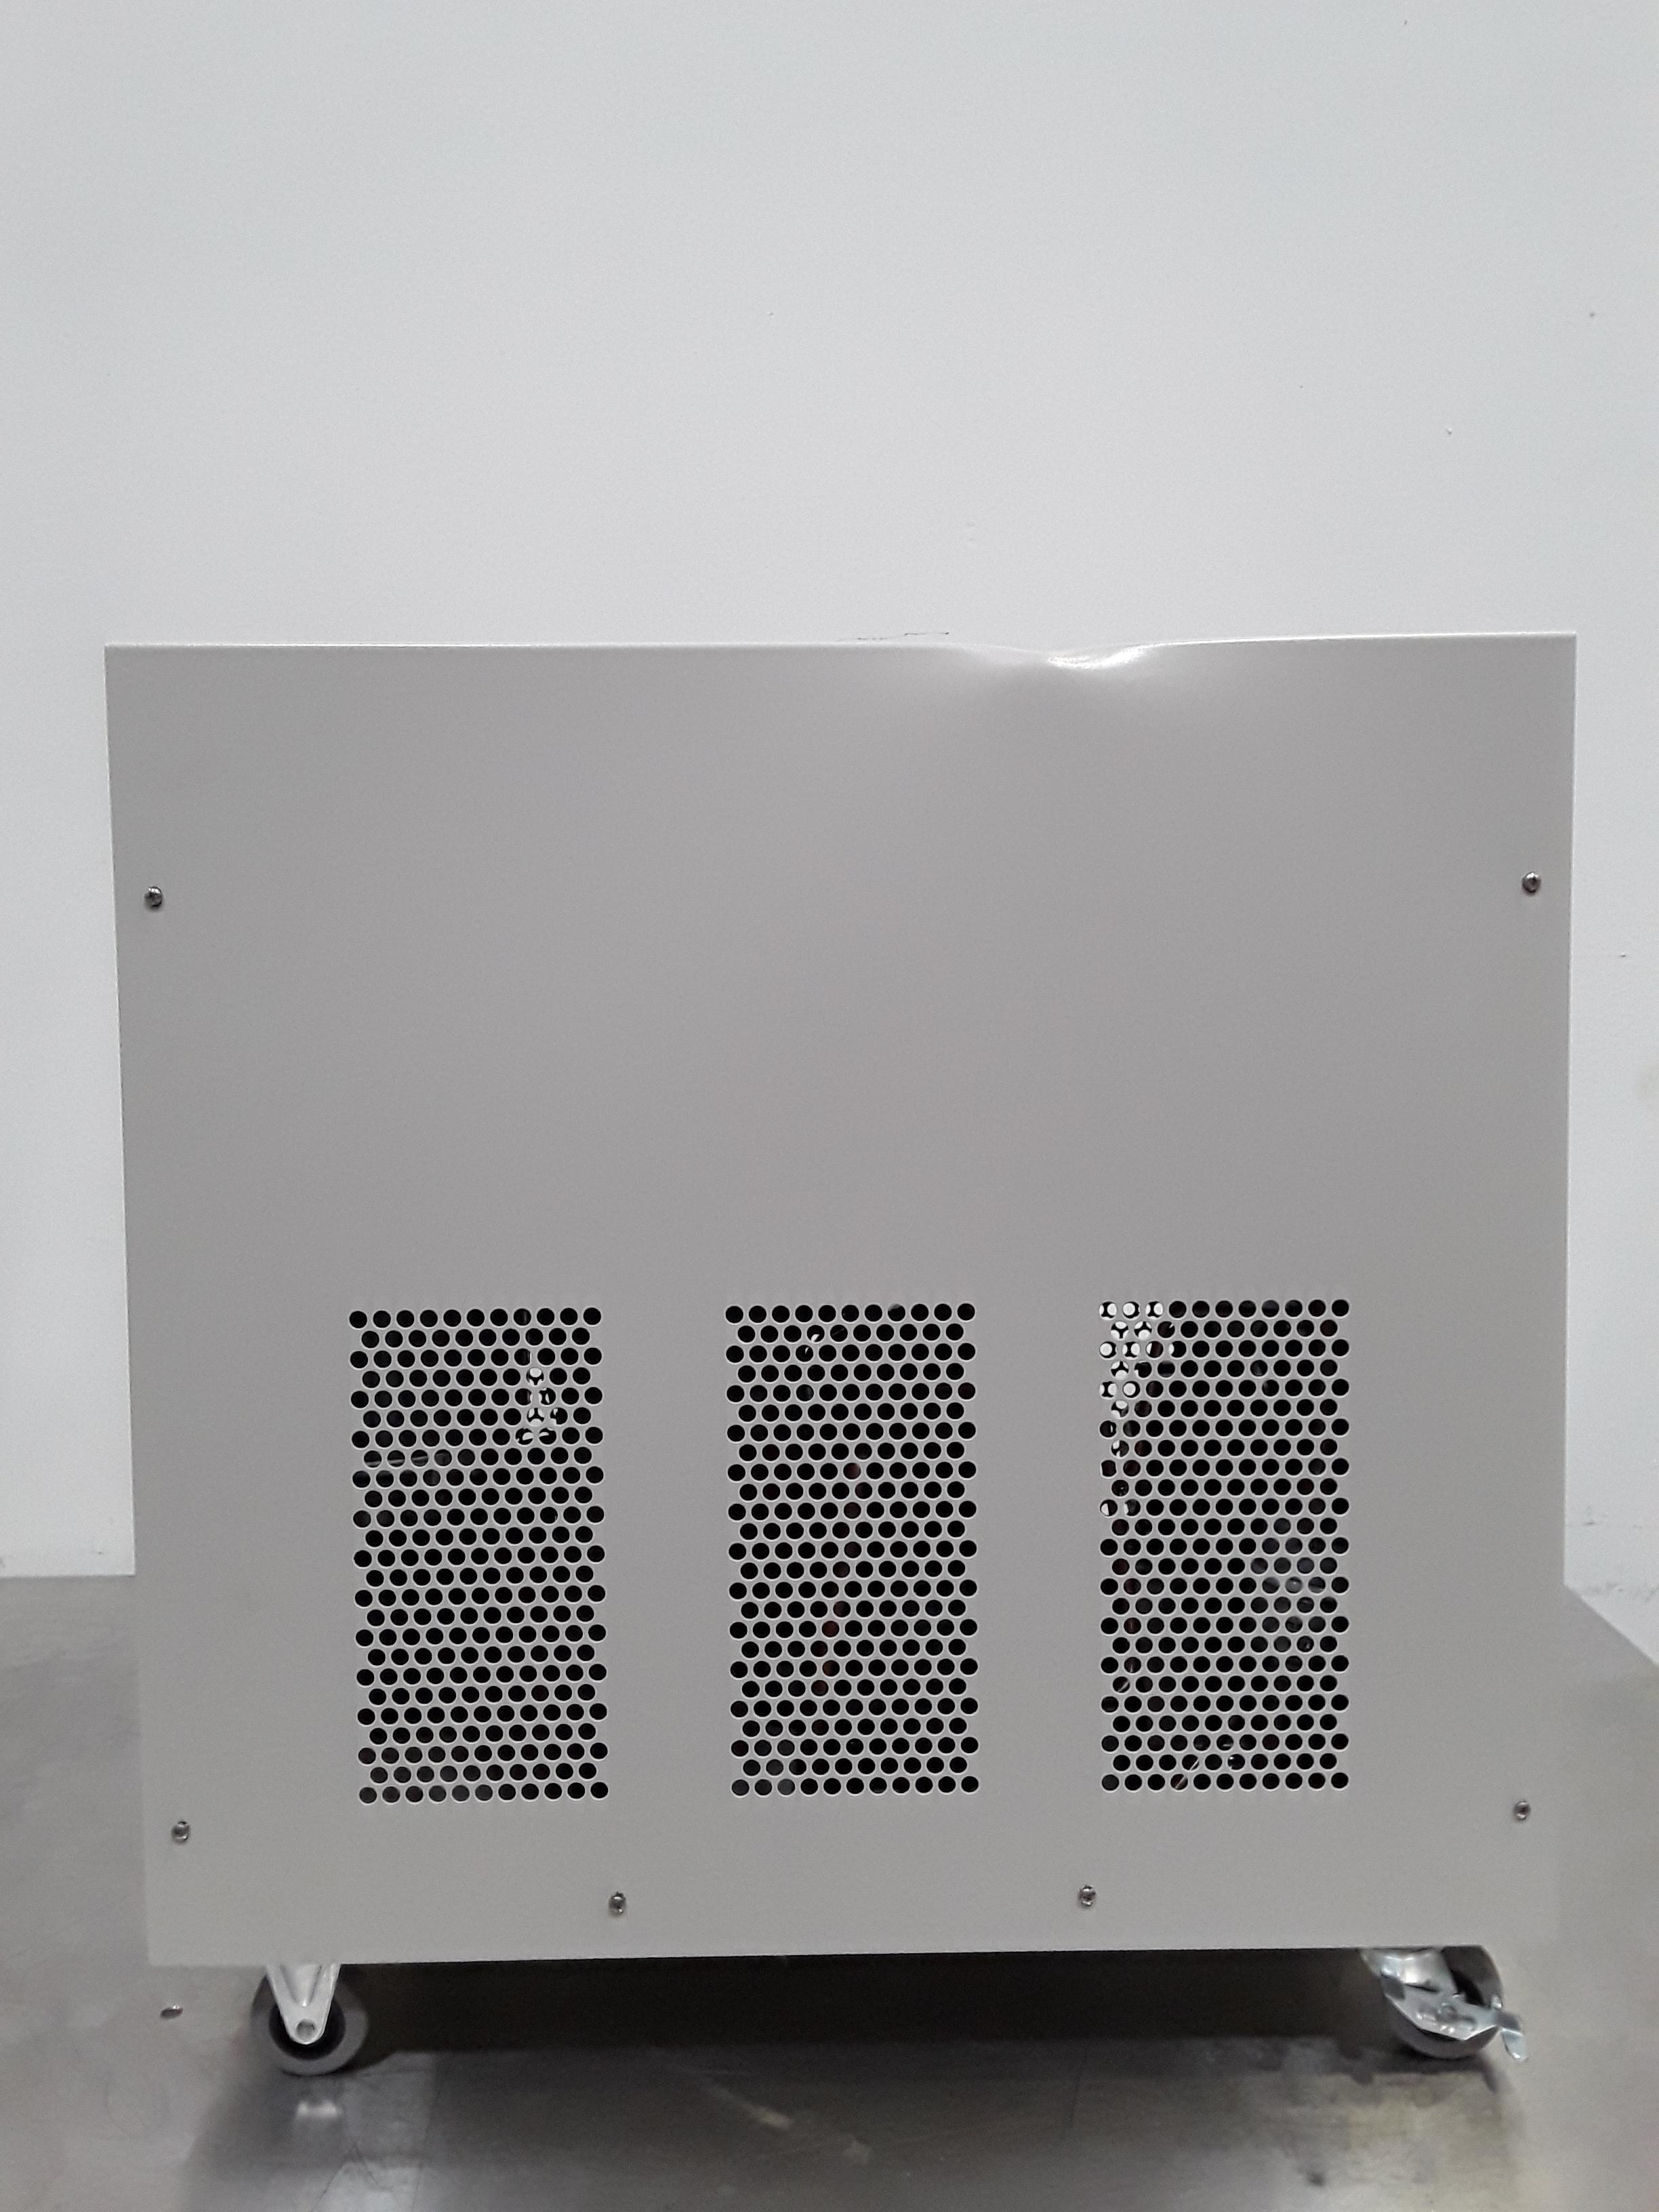 Image THERMO SCIENTIFIC ThermoChill II Recirculating Chiller 1420071